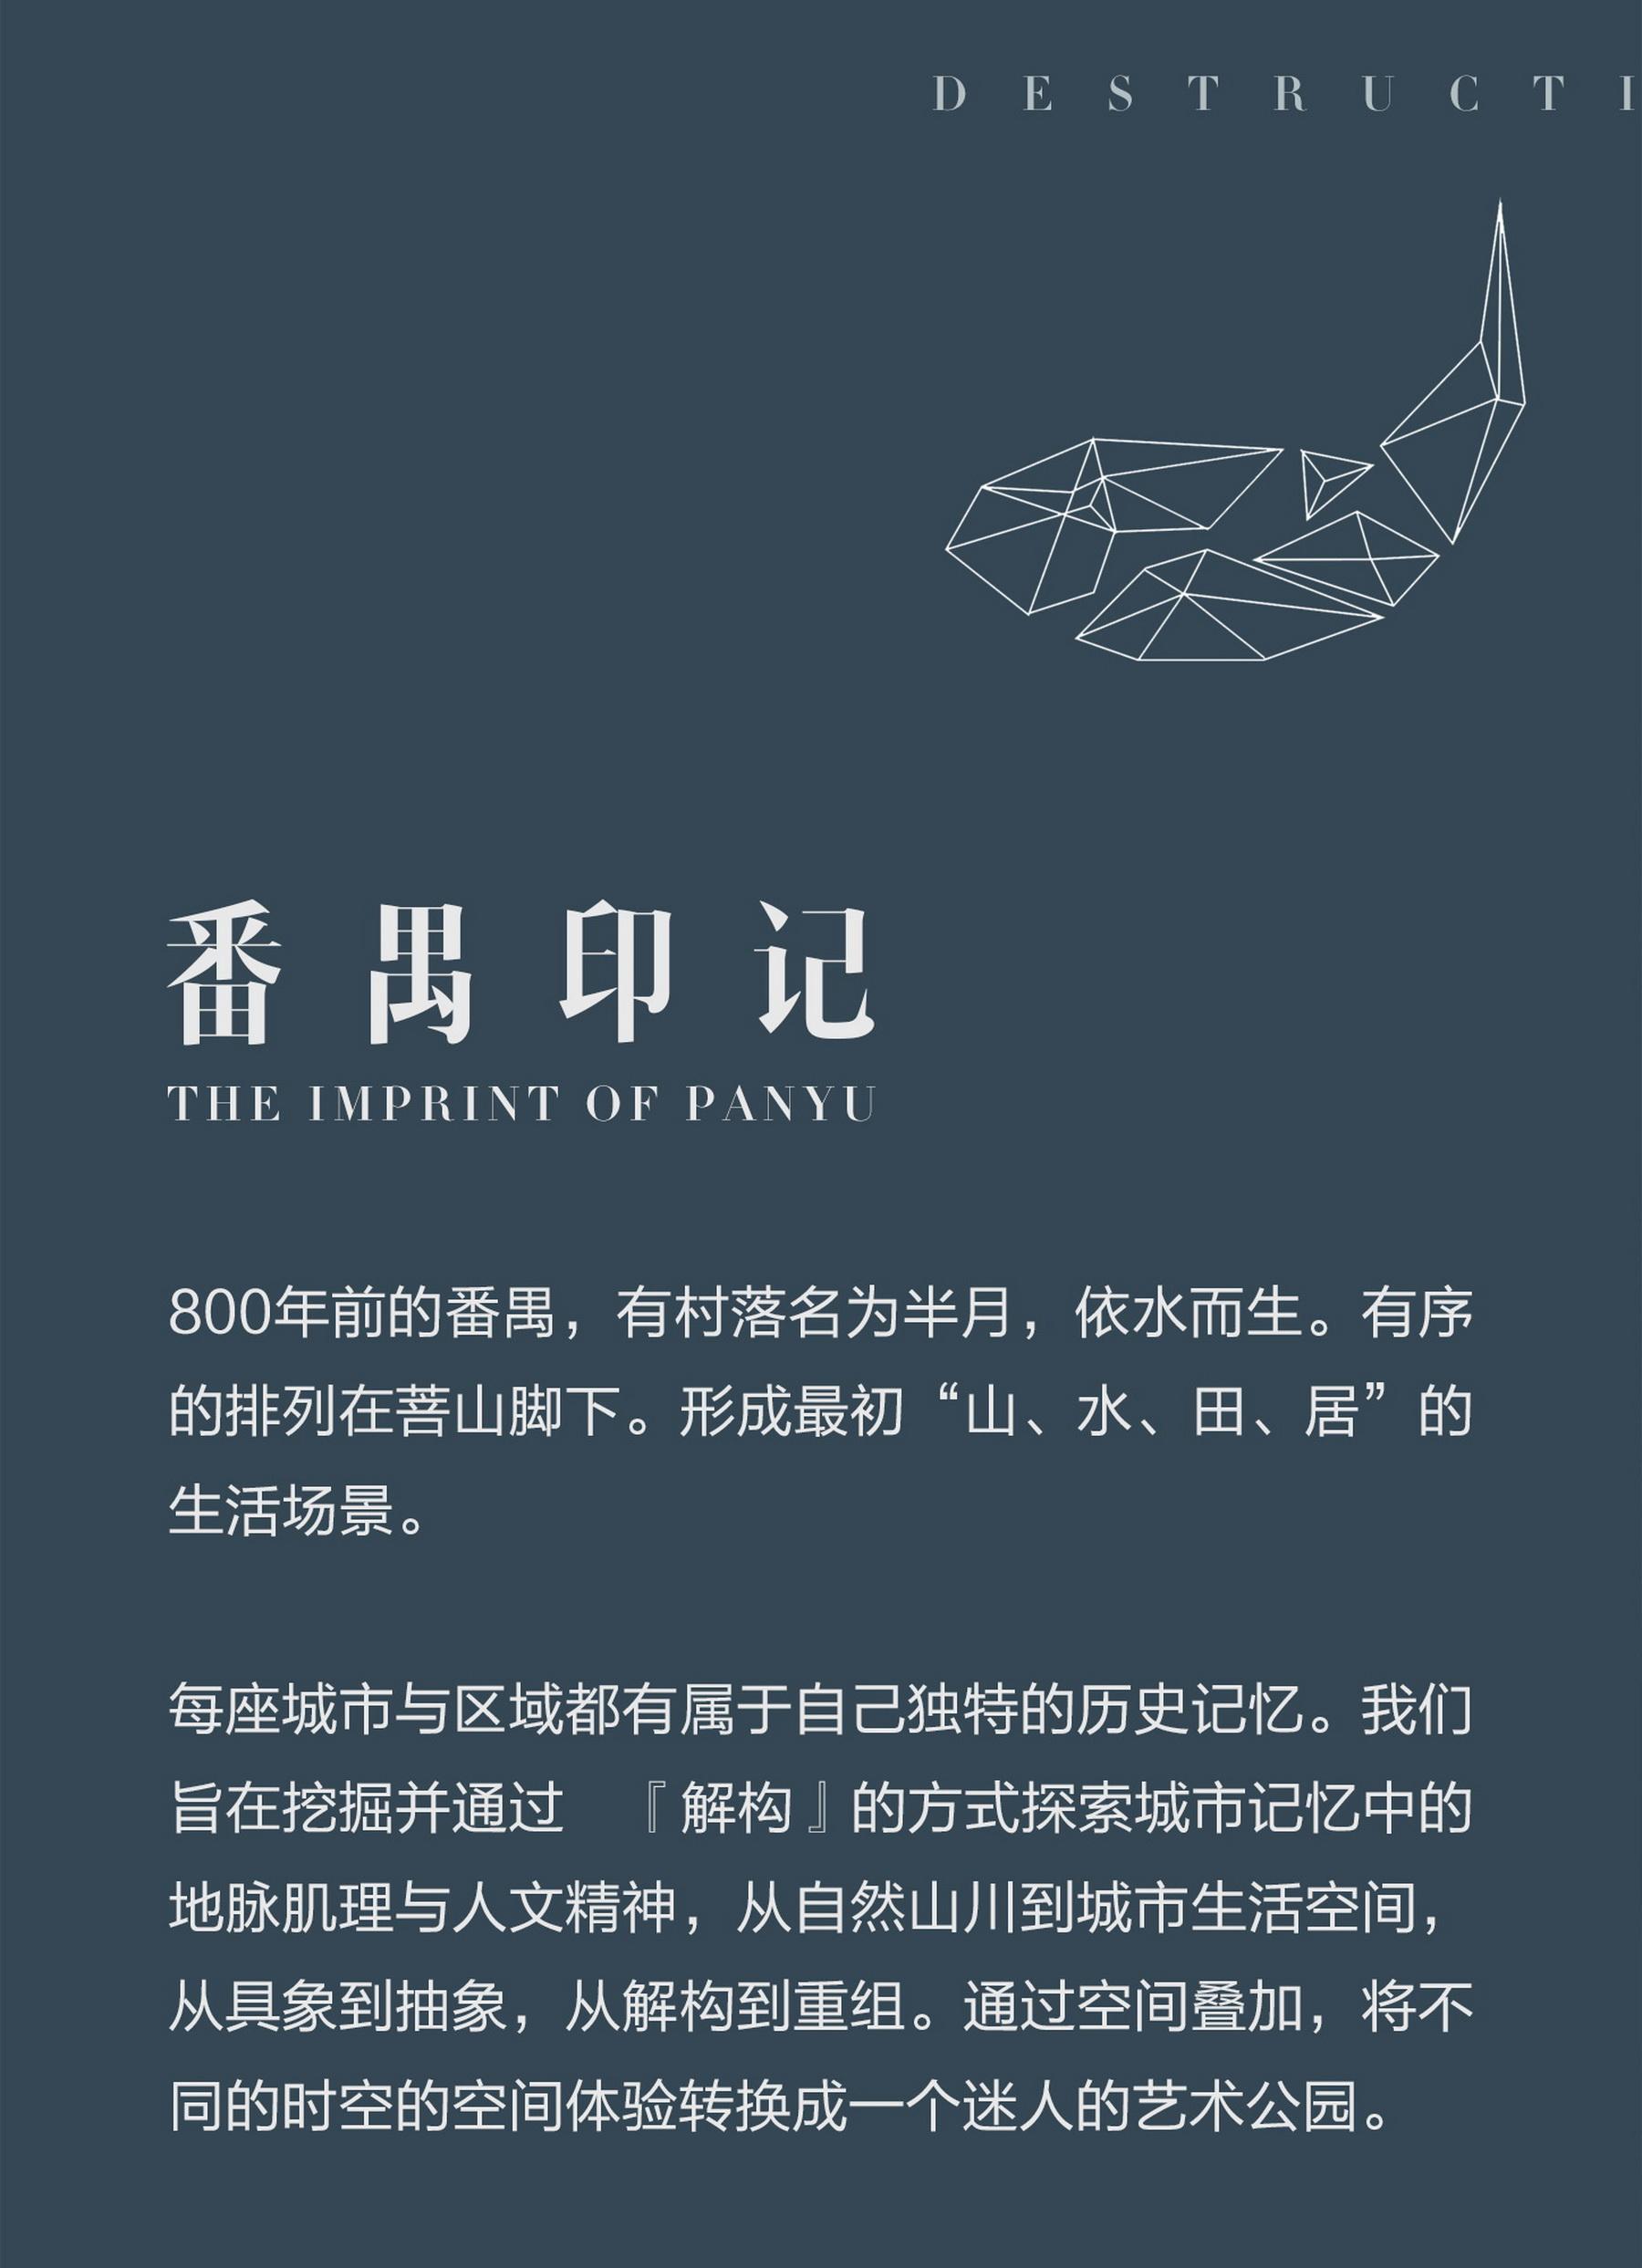 番禺 大华 · 紫悦府 景观设计 / 广亩景观